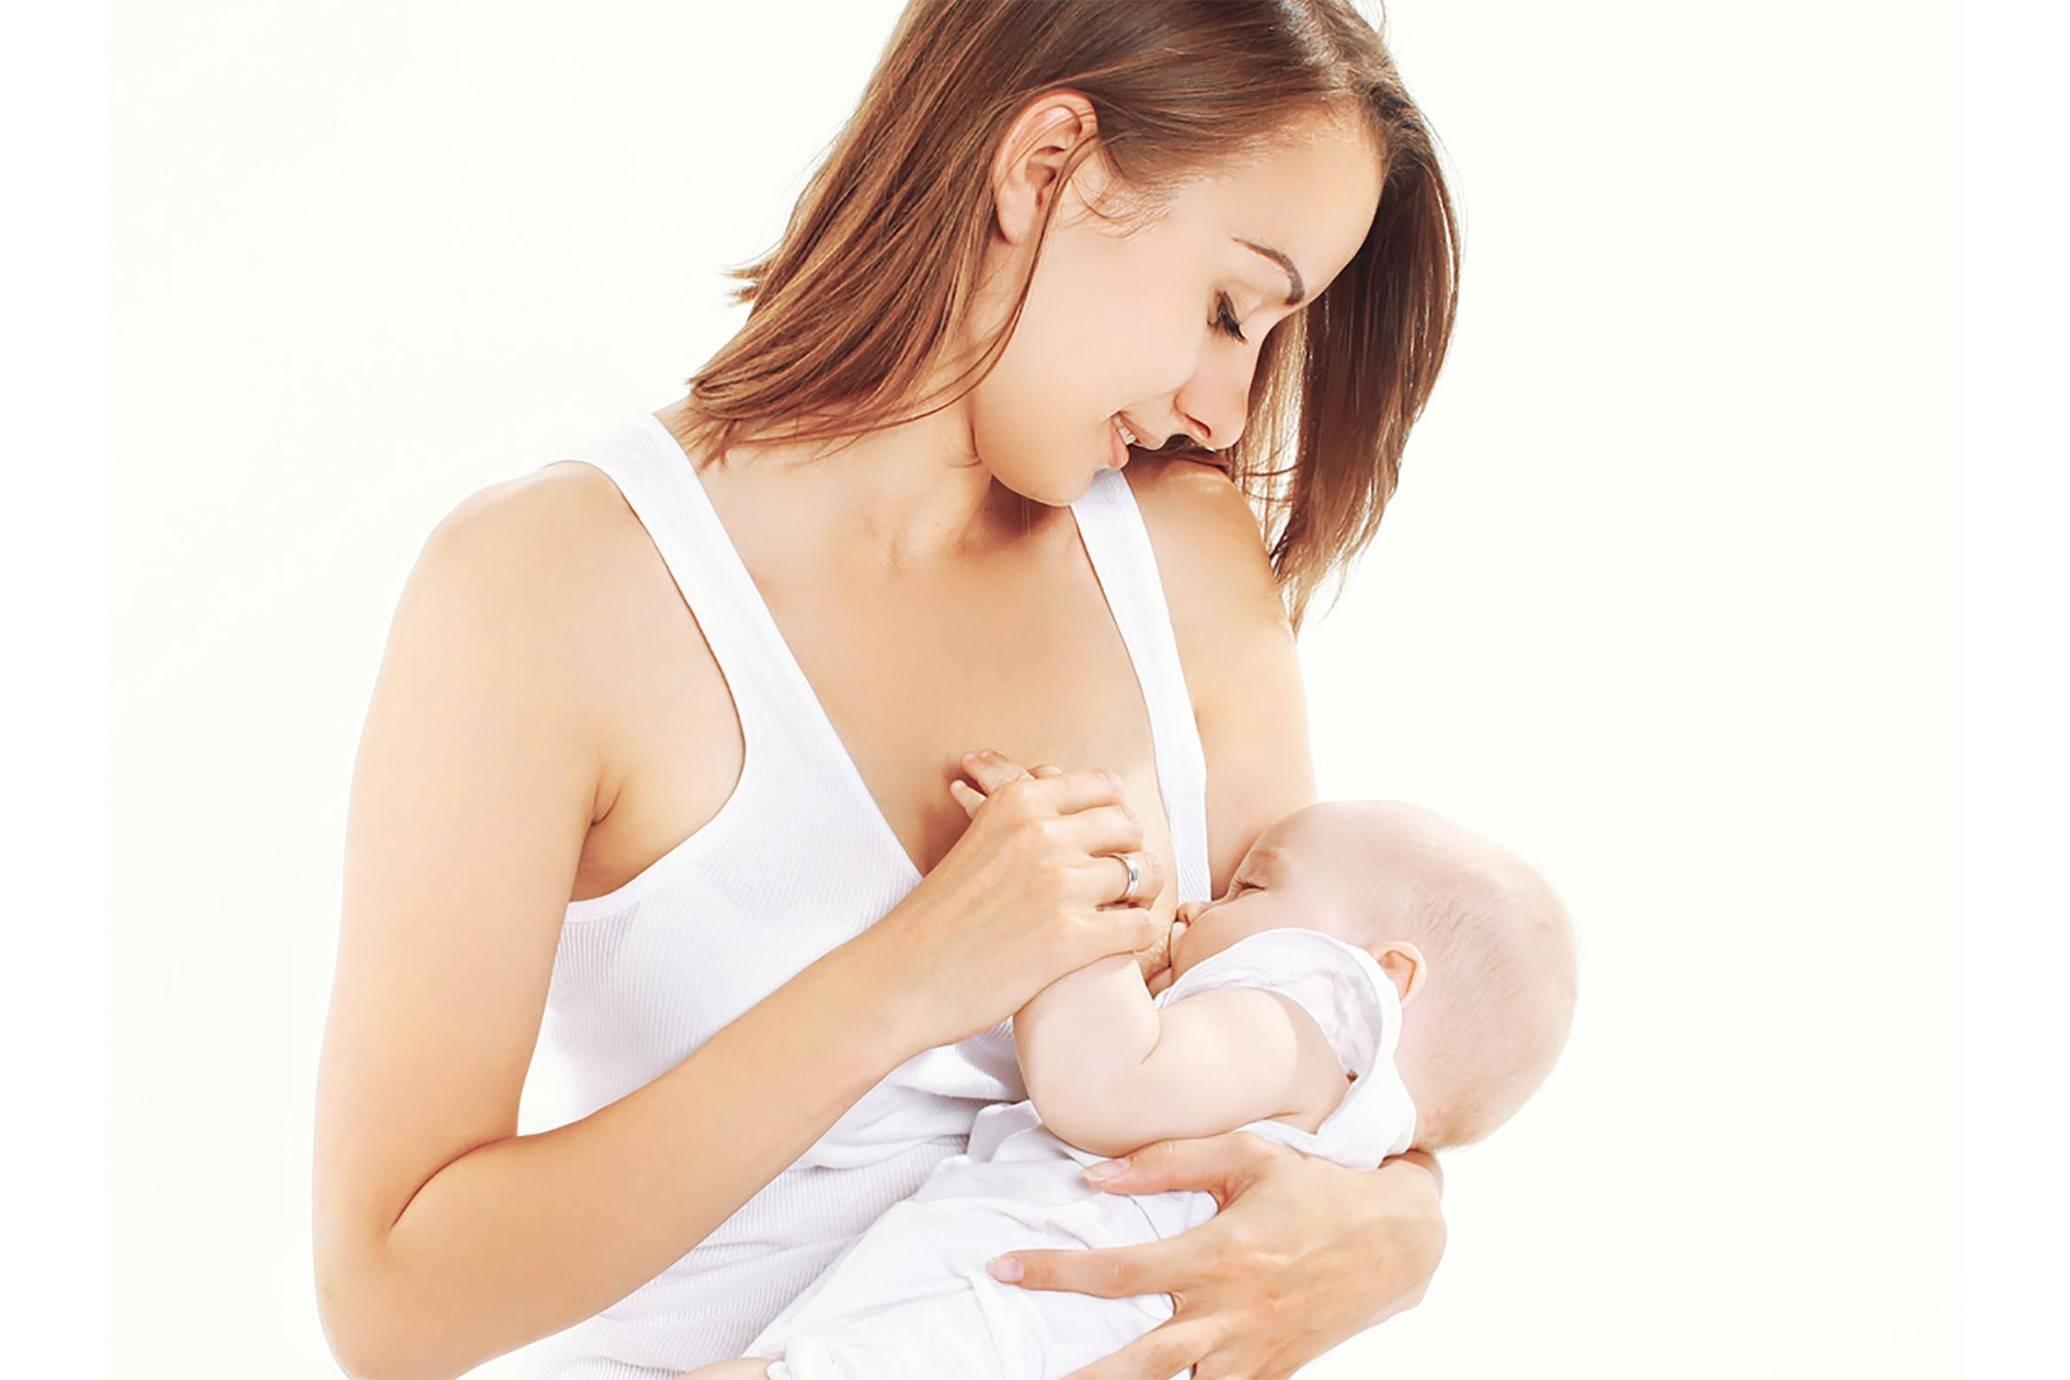 10 советов, чтобы грудь при грудном вскармливании оставалась красивой